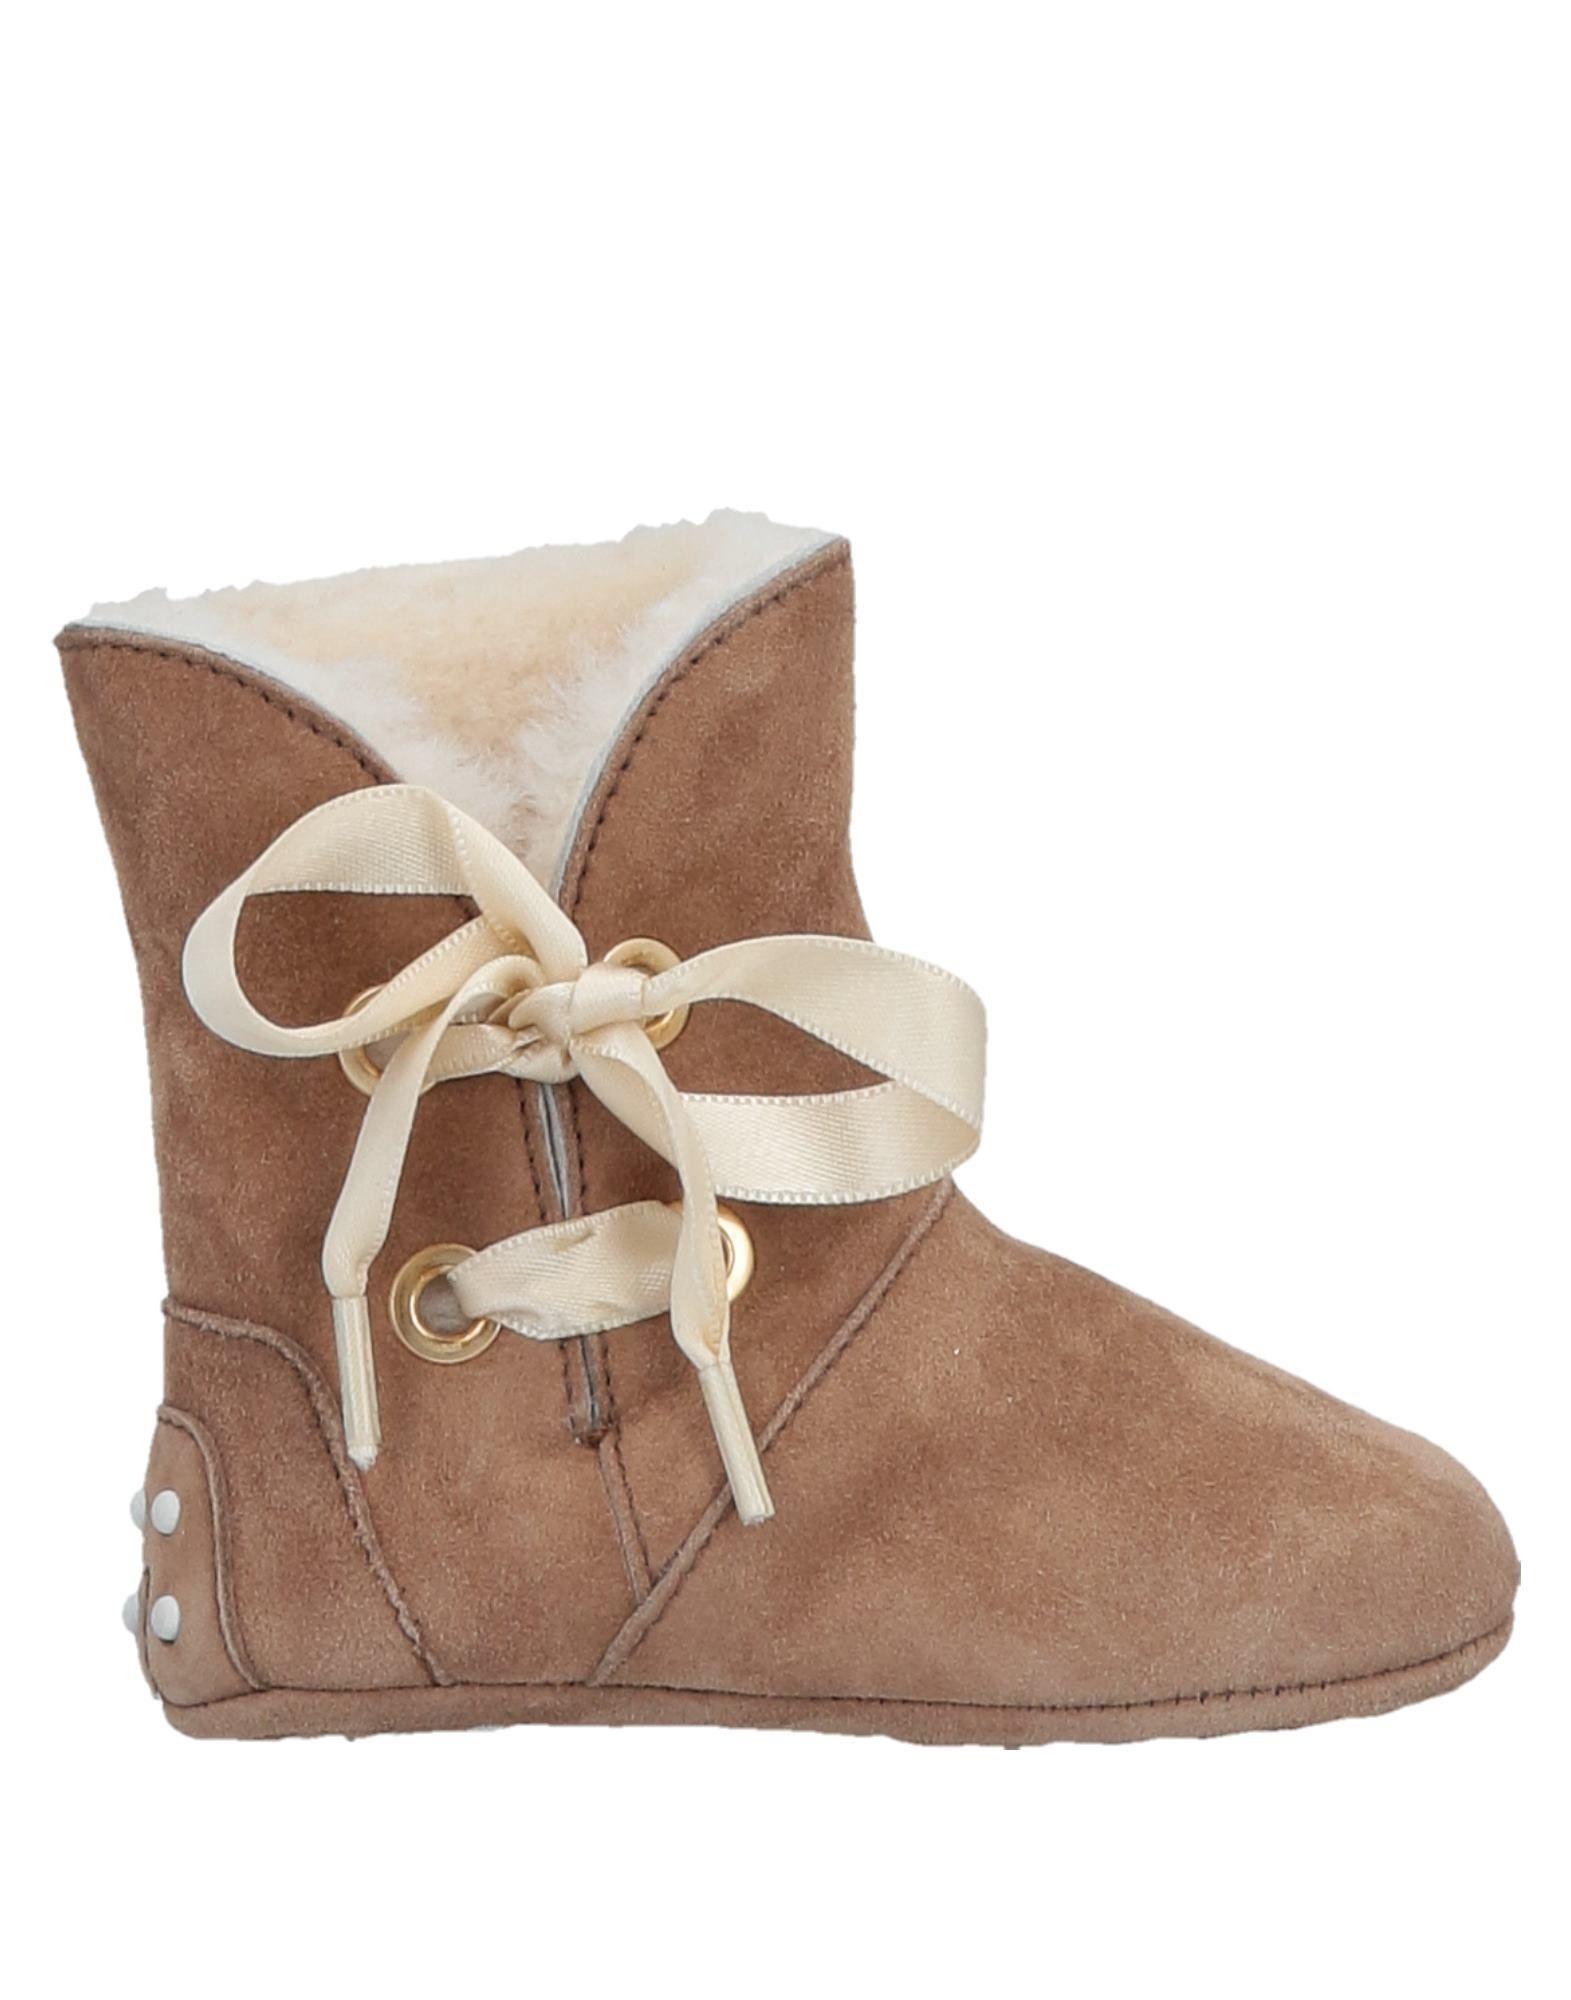 TOD'S Обувь для новорожденных